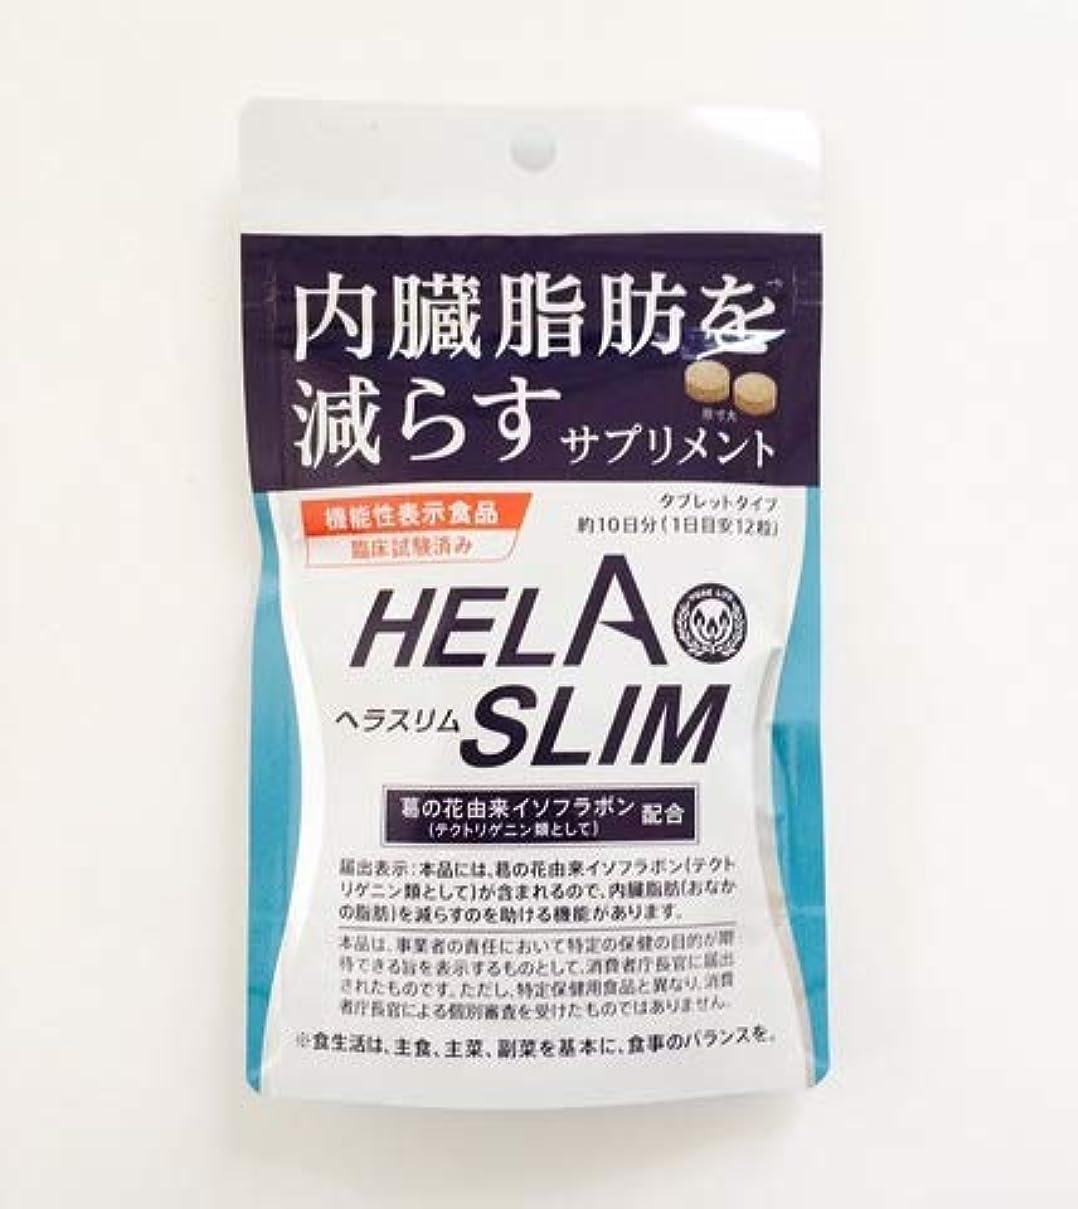 ピカリングシンジケートジャーナルHELASLIM ヘラスリム(120粒入10日分)【機能性表示食品】